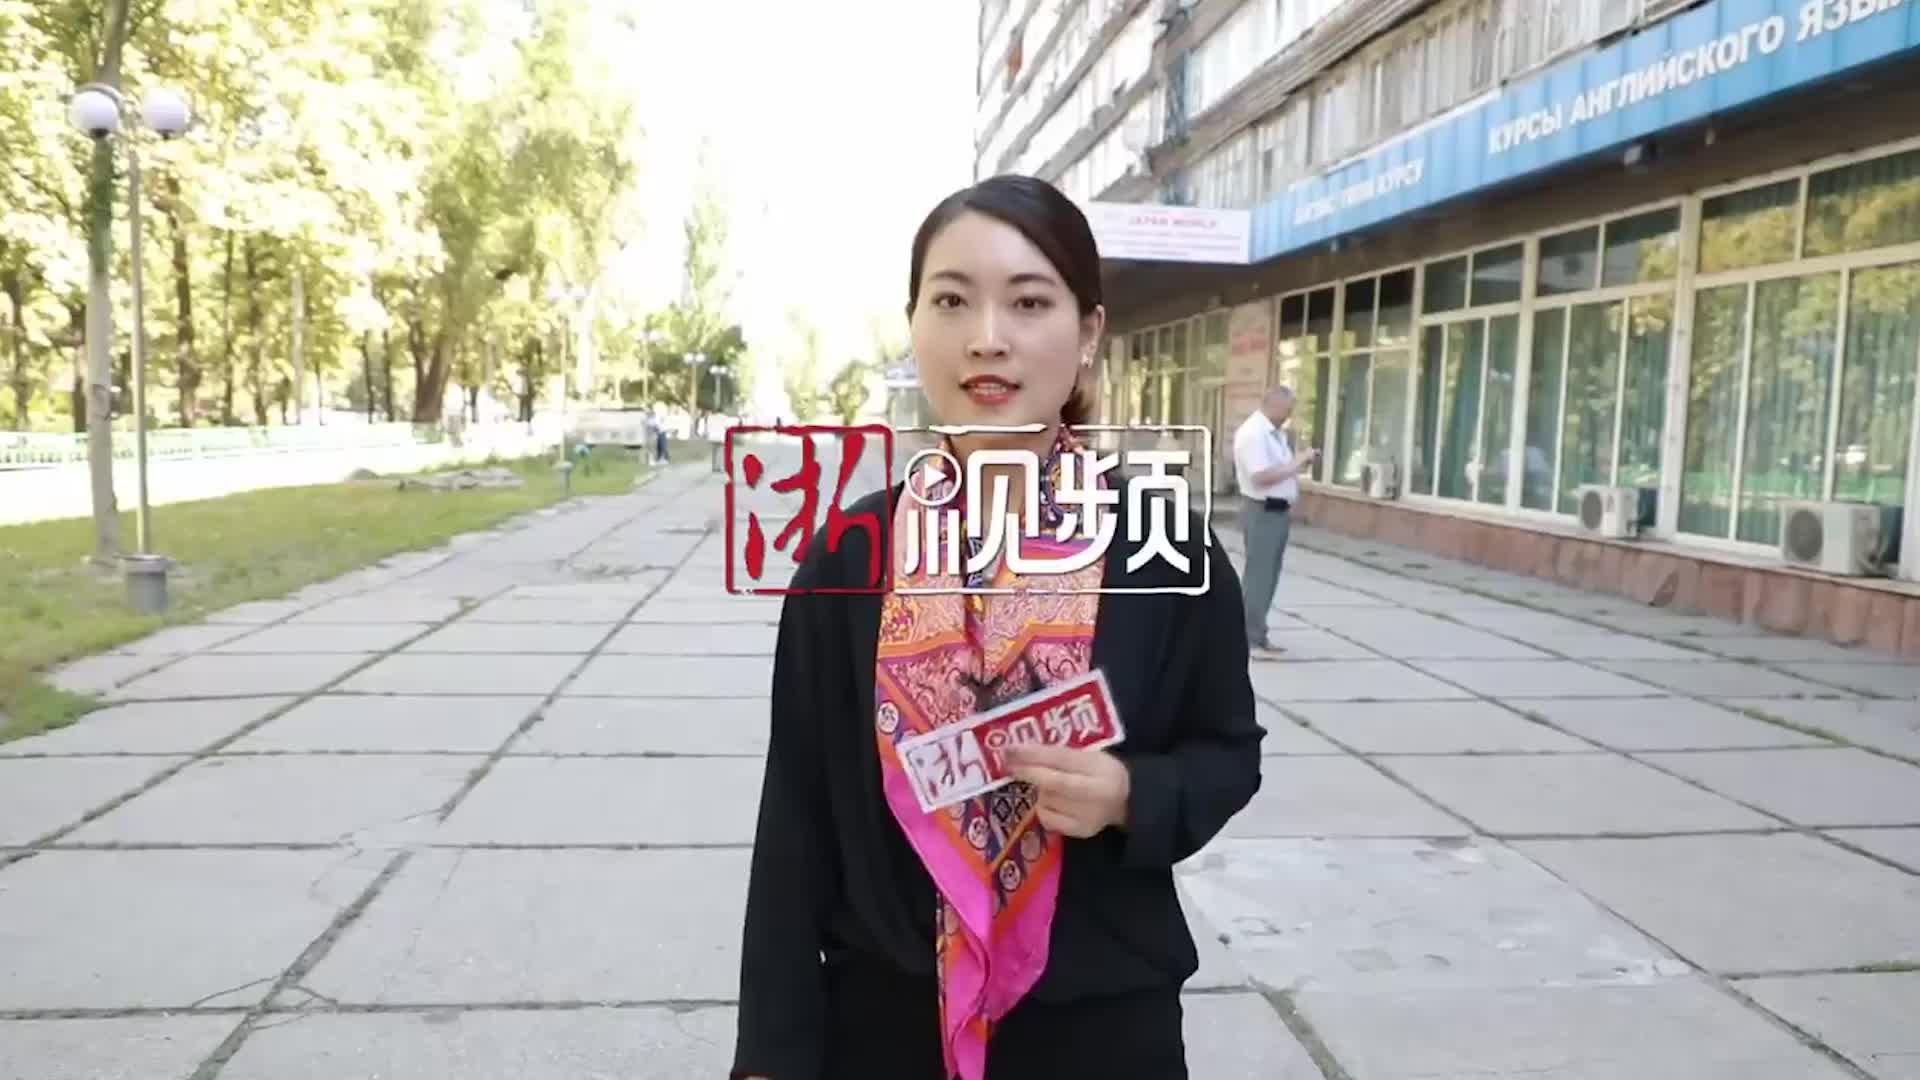 吉尔吉斯斯坦首家中文书店